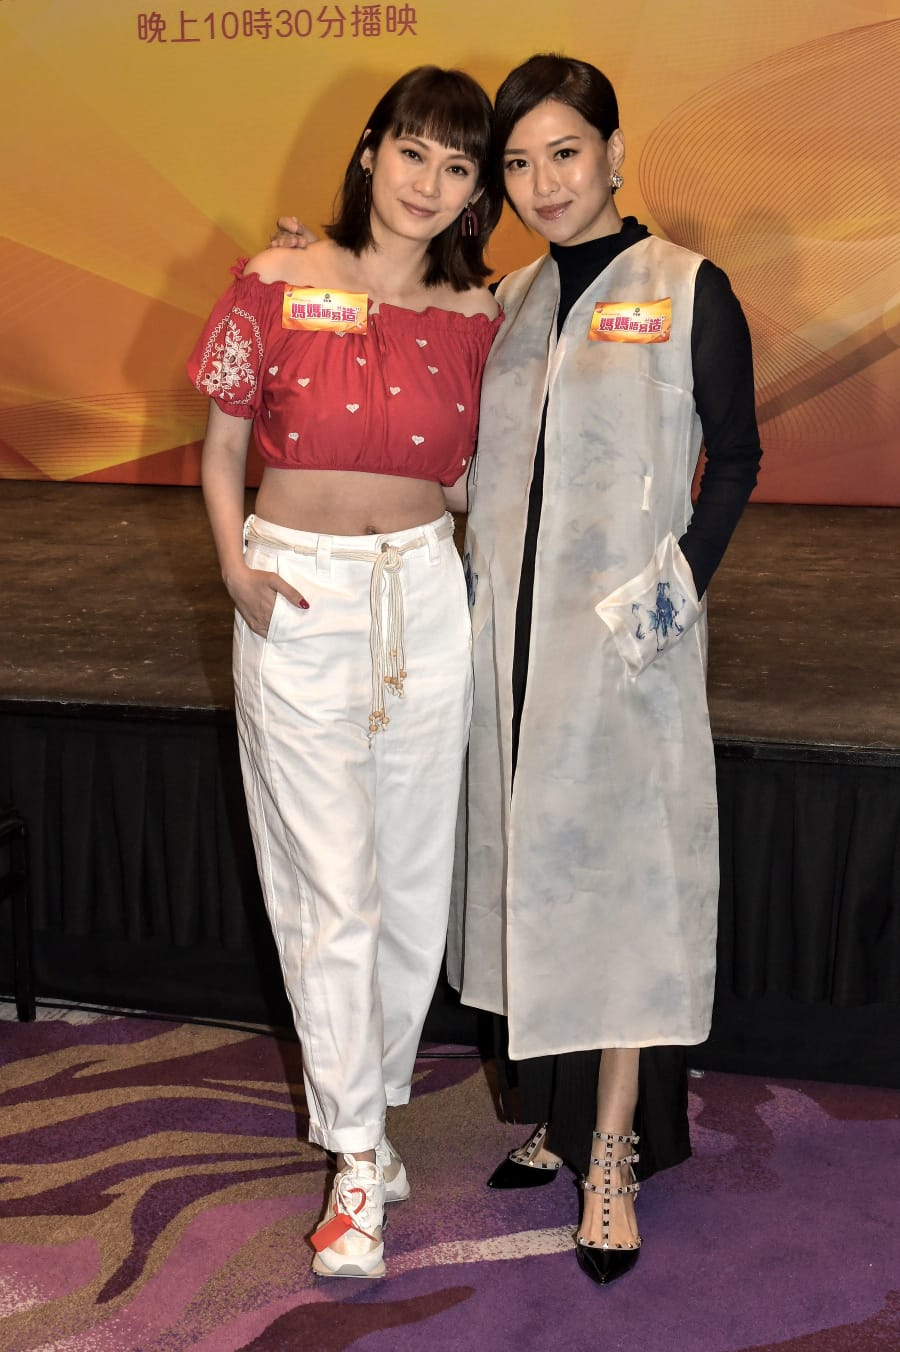 吳日言與董敏莉出席新節目《媽媽唔易「造」》記者會。